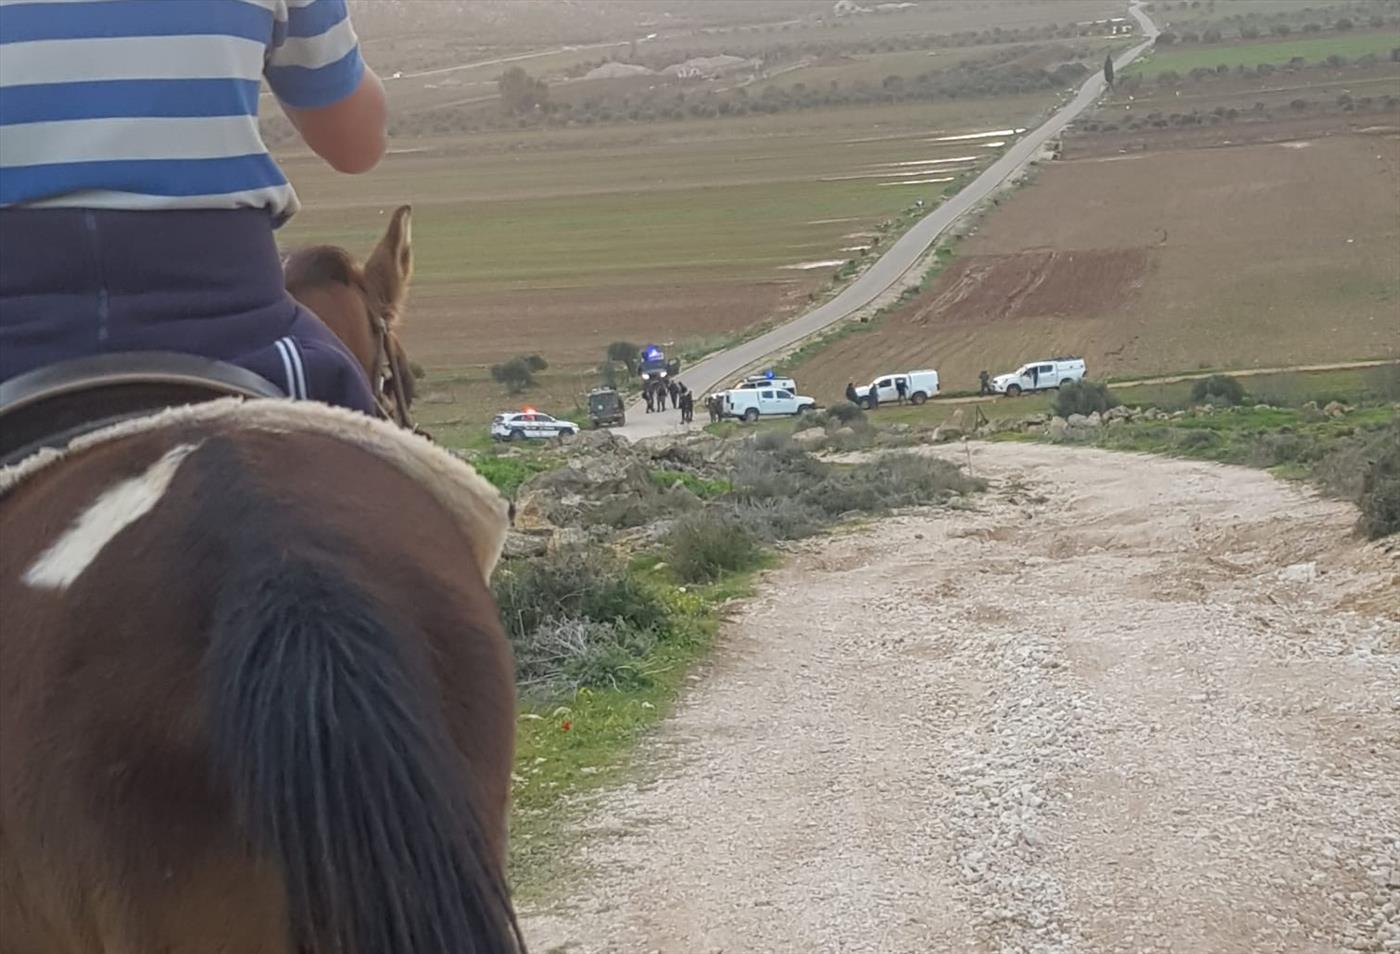 כוחות משטרה באיזור עדי עד לאחר האירועים (תושבי עדי עד)